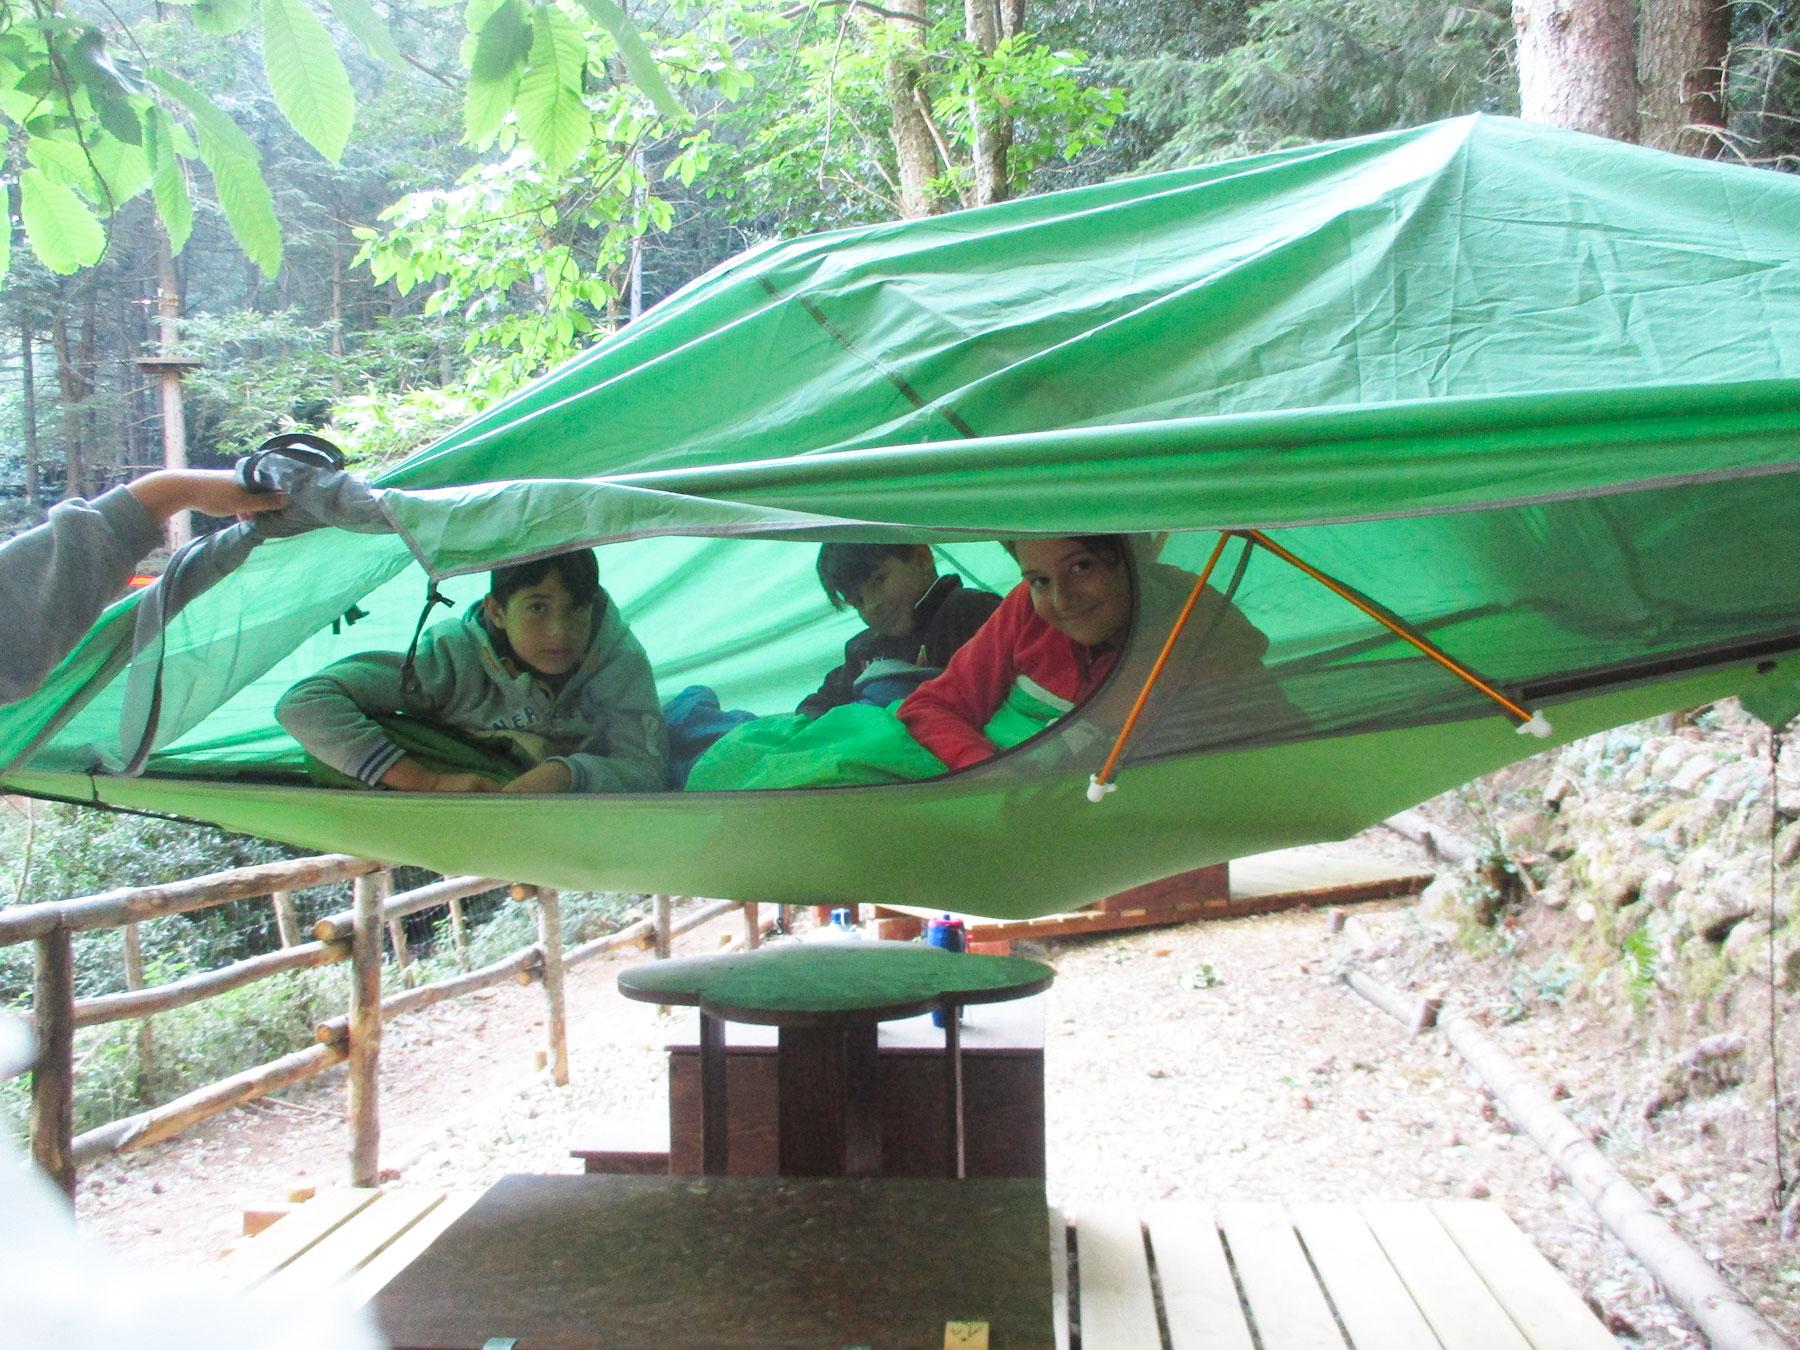 Tenda sospesa a 2 metri